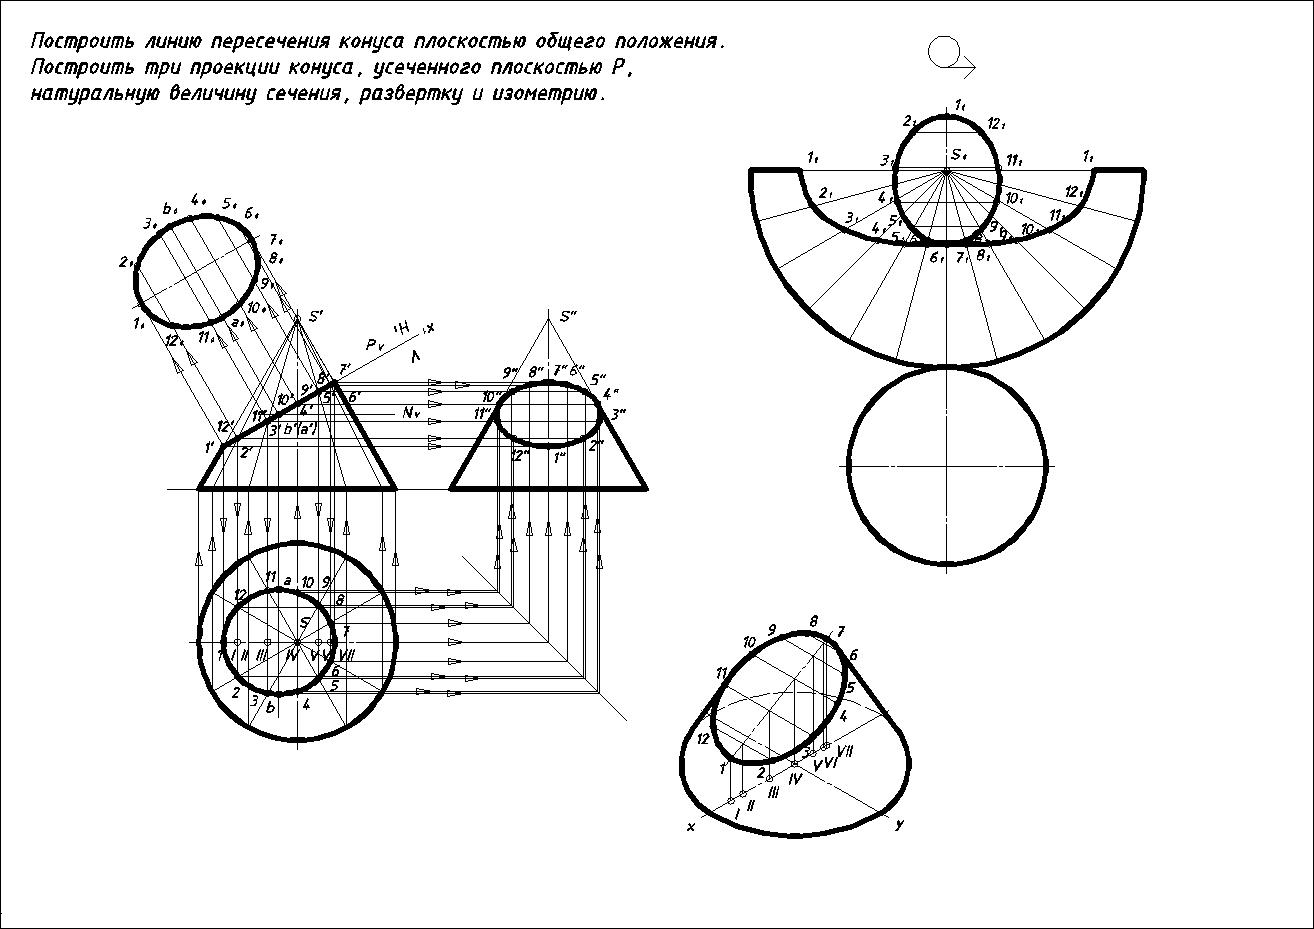 Как сделать развертку конуса с сечением